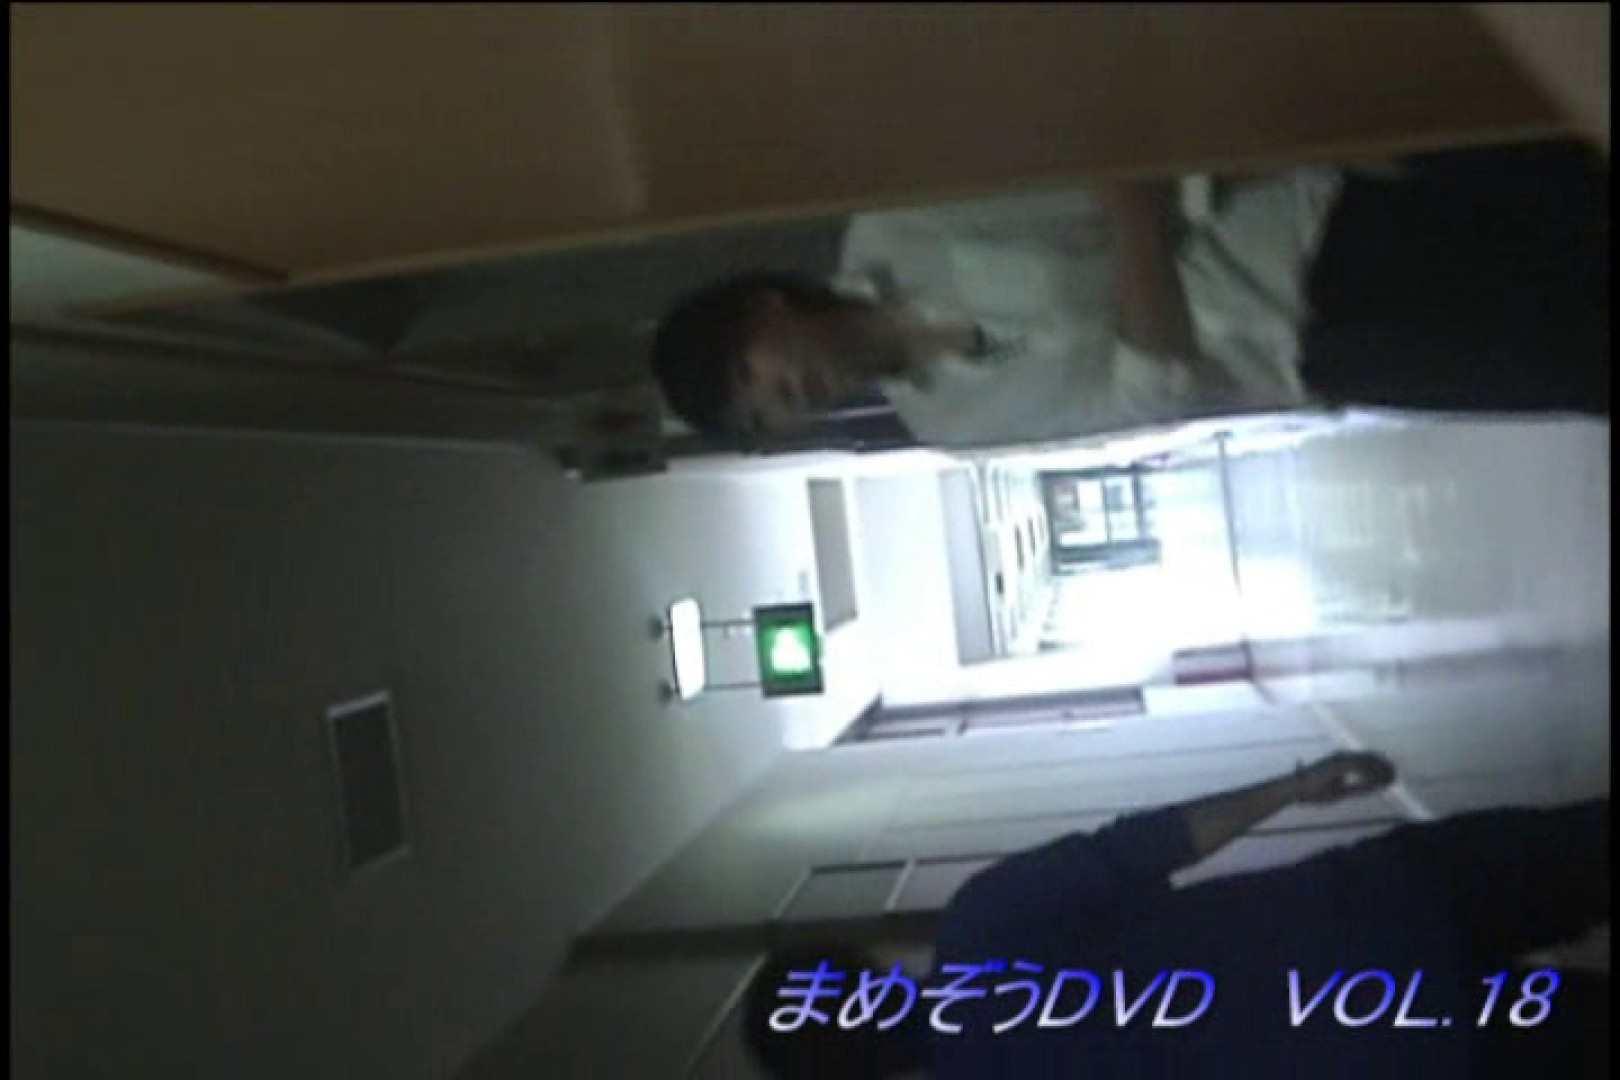 まめぞうDVD完全版VOL.18 ギャル盗撮映像  76PIX 16